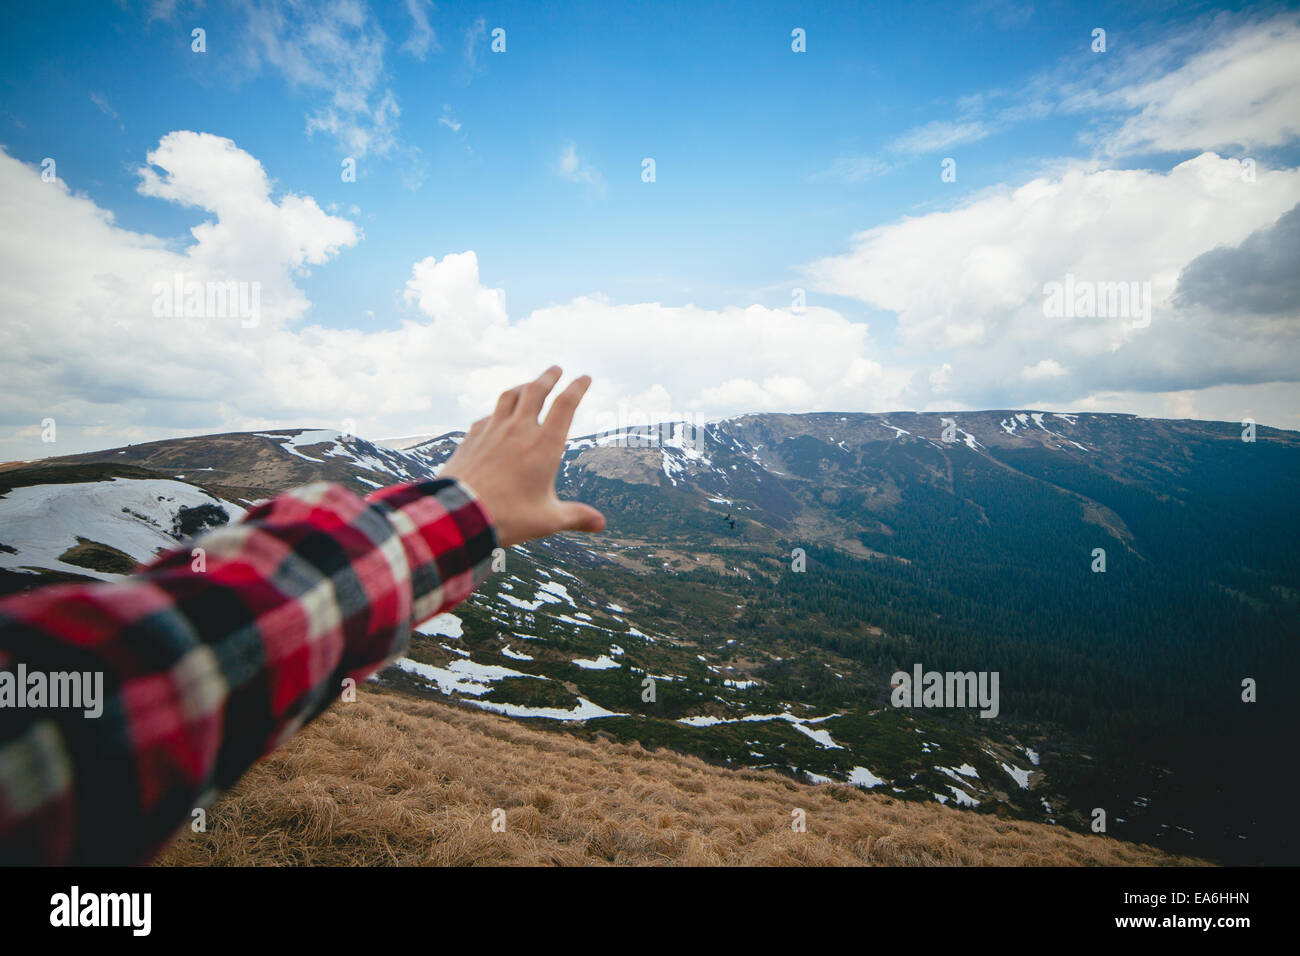 Paesaggio panoramico con mano umana in primo piano Immagini Stock